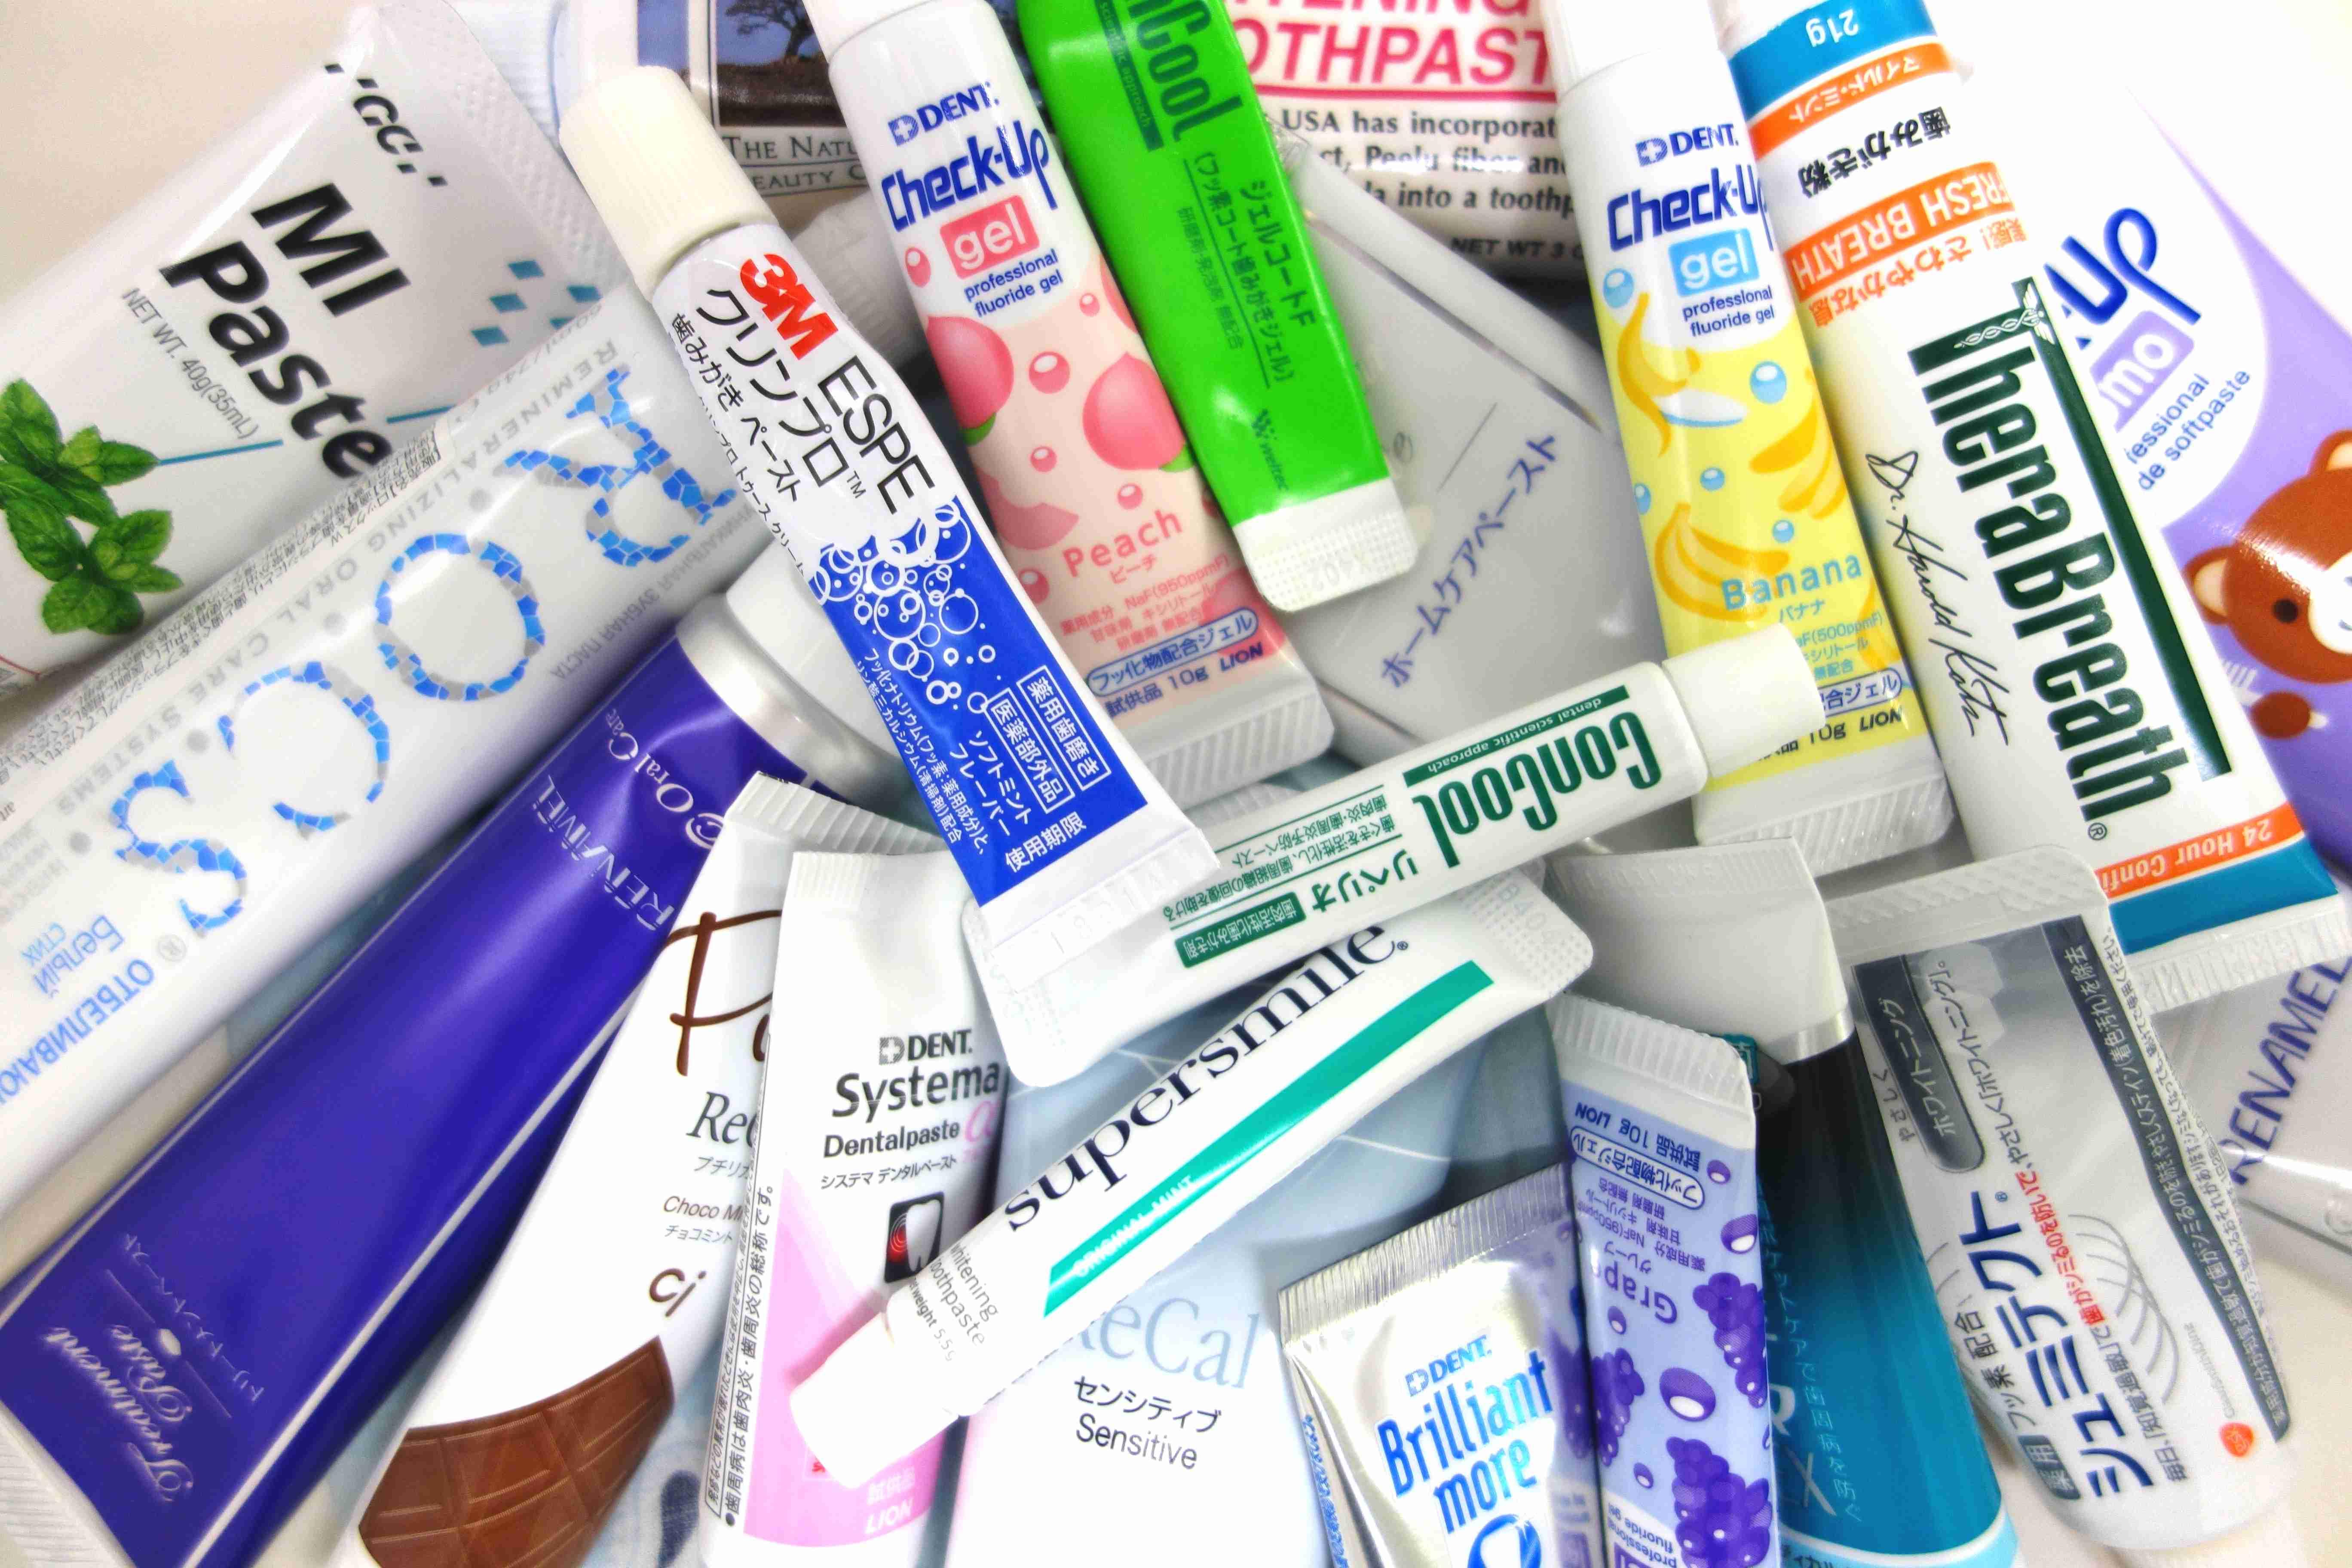 歯磨き粉マニアが教える正しい歯磨き粉の選び方とおすすめ7選